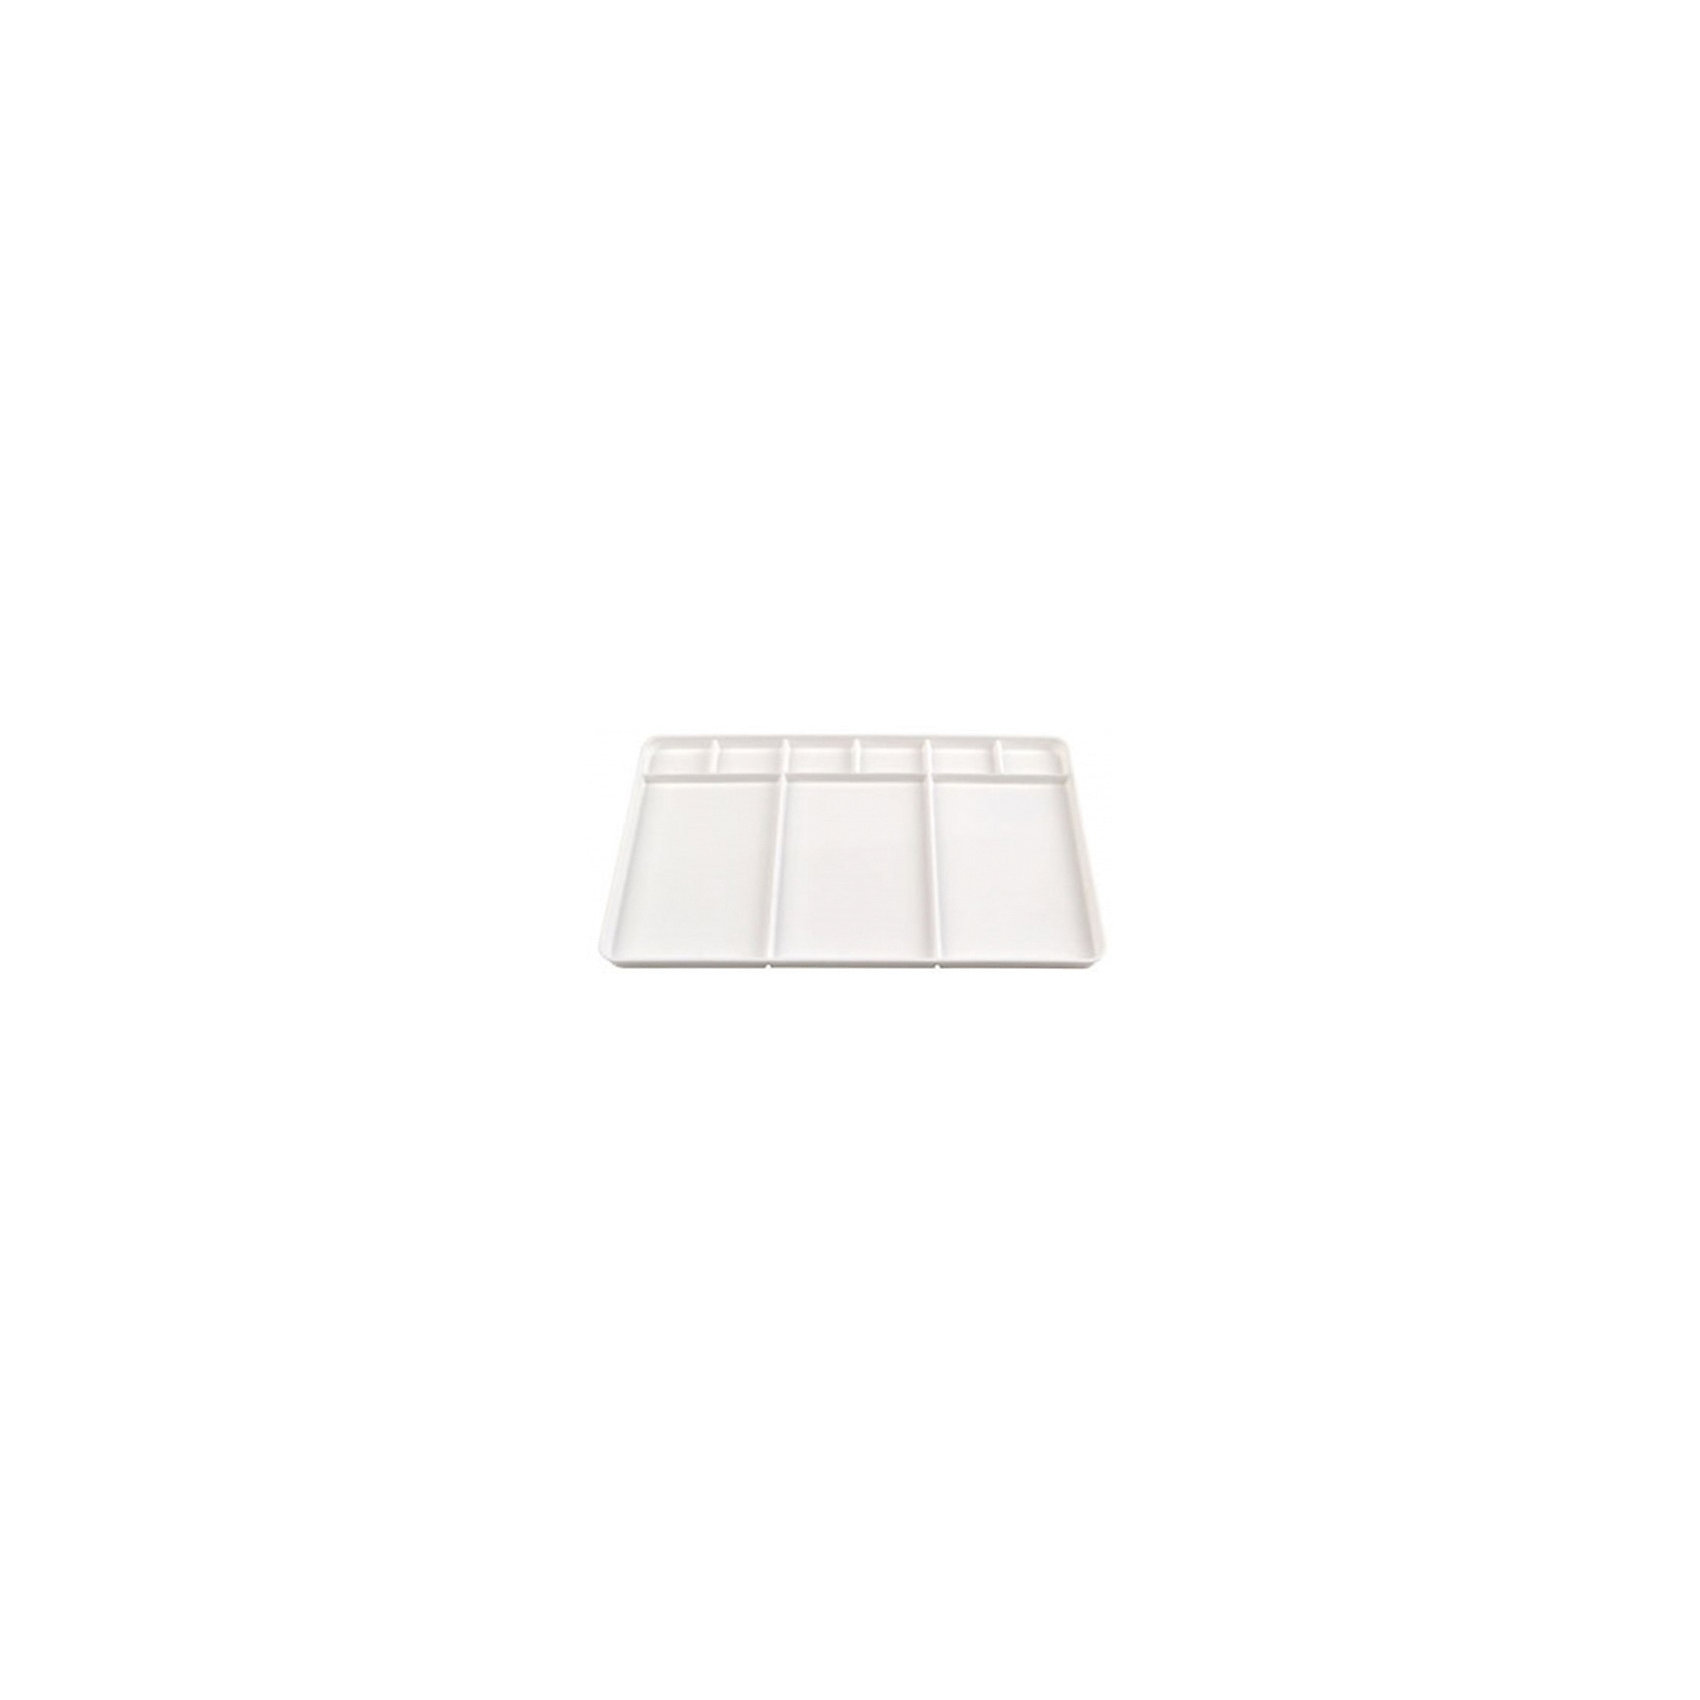 Пластиковая прямоугольная палитра Малевичъ без ручки, 9 ячеекАксессуары для творчества<br>Характеристики:<br><br>• возраст: от 3 лет<br>• размер: 34х23 см.<br>• количество ячеек: 9<br>• материал: пластик<br><br>Пластиковая палитра среднего размера предназначена для профессиональной работы с сухой акварелью в кюветах или влажной в тюбиках. Устанавливается на стол или этюдник. Палитра разделена на девять секций с бортиками, в которые можно устанавливать кюветы с красками. Белый цвет пластика позволяет оценить, как смешиваемый оттенок краски будет выглядеть на бумаге.<br><br>Палитра Малевичъ изготовлена из гипоаллергенного пластика, тщательно отполирована, удобна и безопасна в работе, прослужит долгое время.<br><br>Пластиковую прямоугольную палитру Малевичъ без ручки, 9 ячеек можно купить в нашем интернет-магазине.<br><br>Ширина мм: 220<br>Глубина мм: 15<br>Высота мм: 335<br>Вес г: 180<br>Возраст от месяцев: 36<br>Возраст до месяцев: 2147483647<br>Пол: Унисекс<br>Возраст: Детский<br>SKU: 6910380